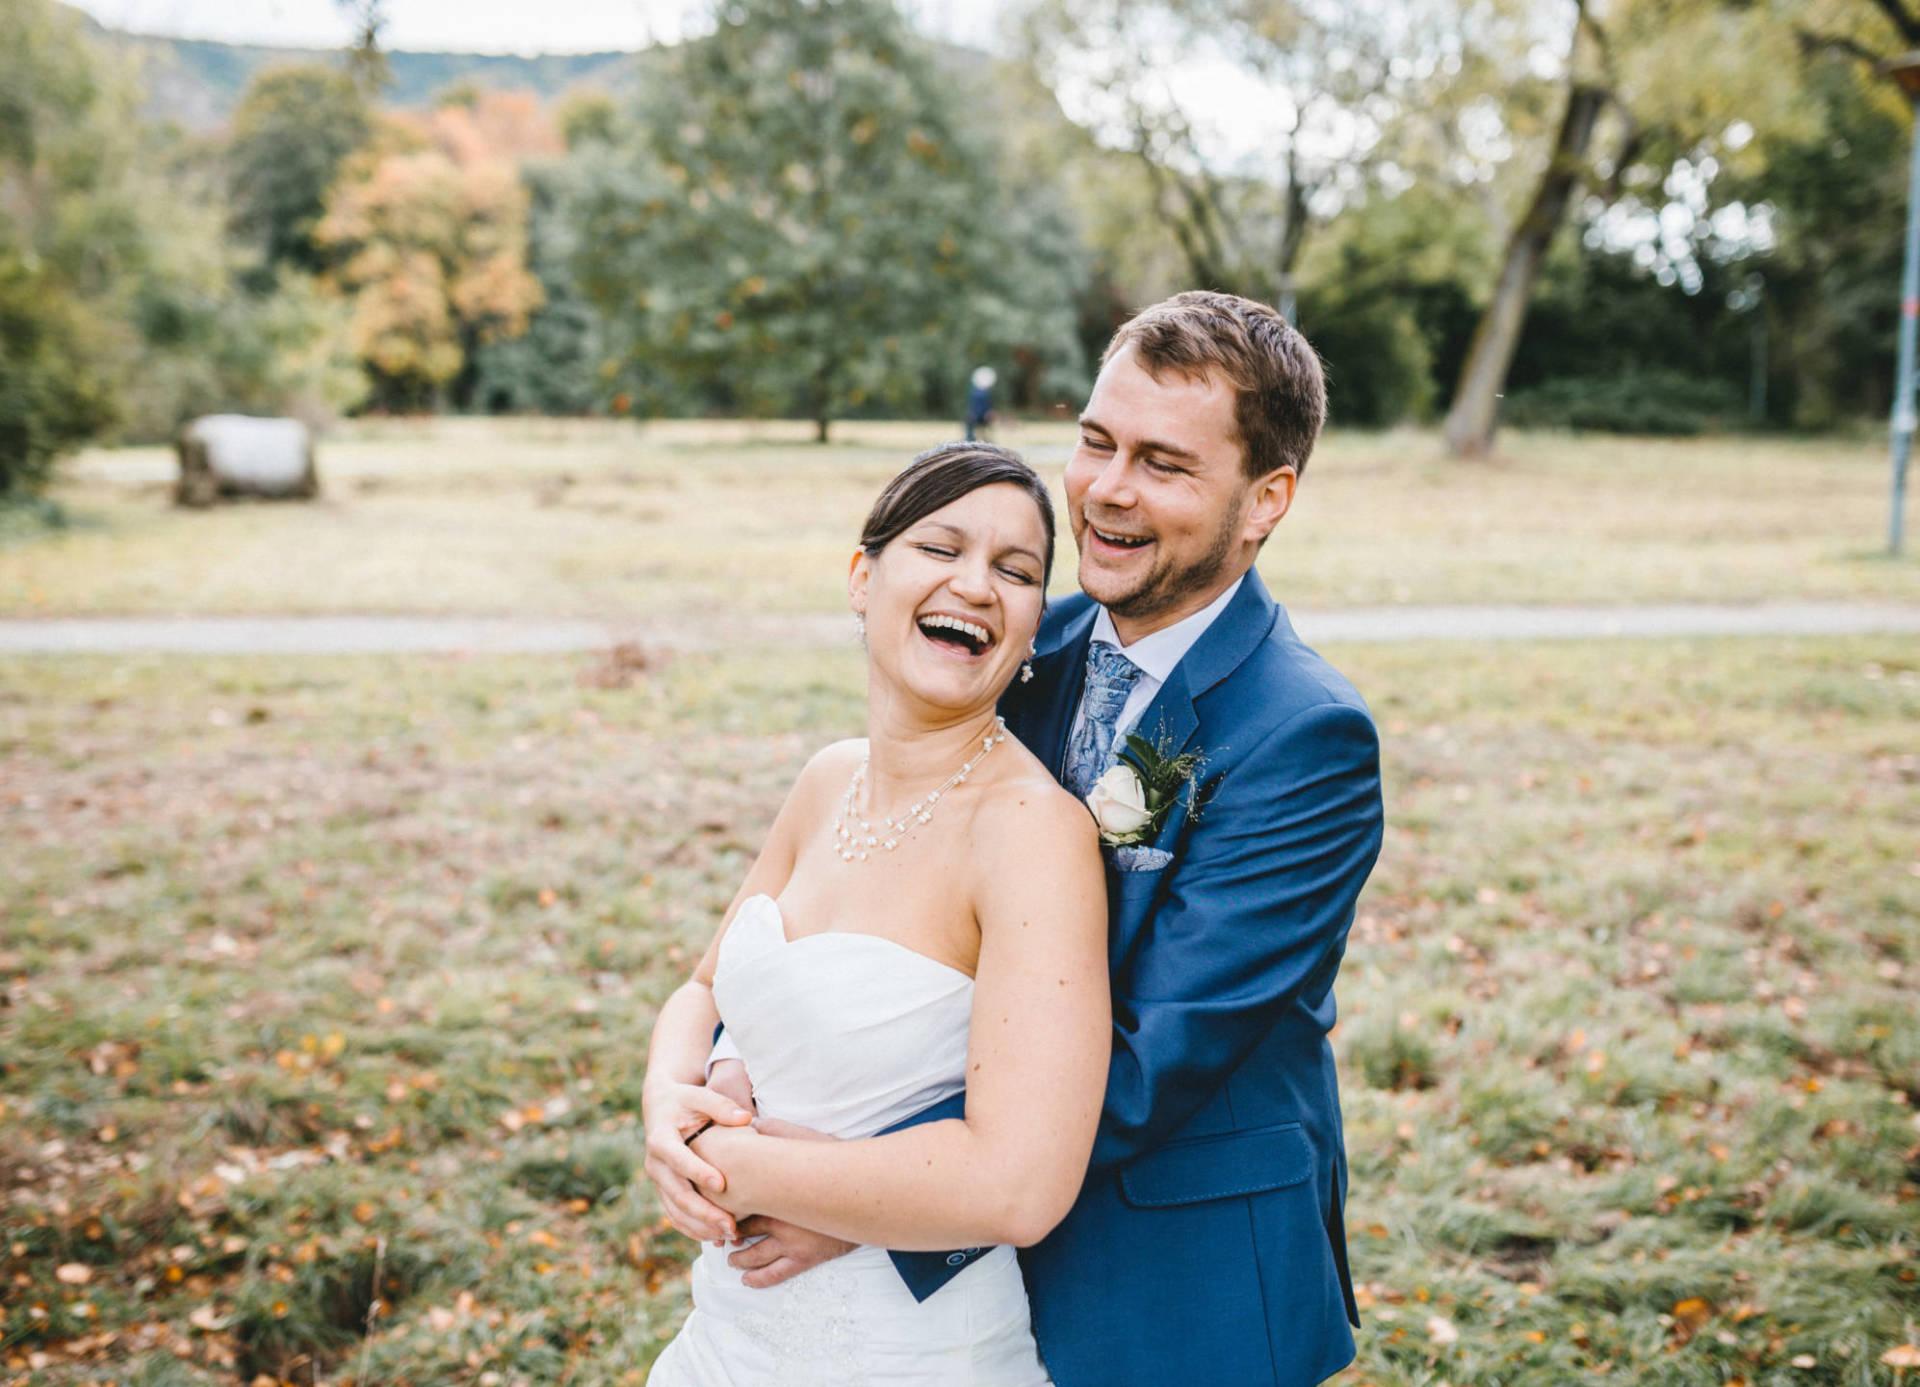 Hochzeitsreportage | Hochzeit im Paradies Jena | 14